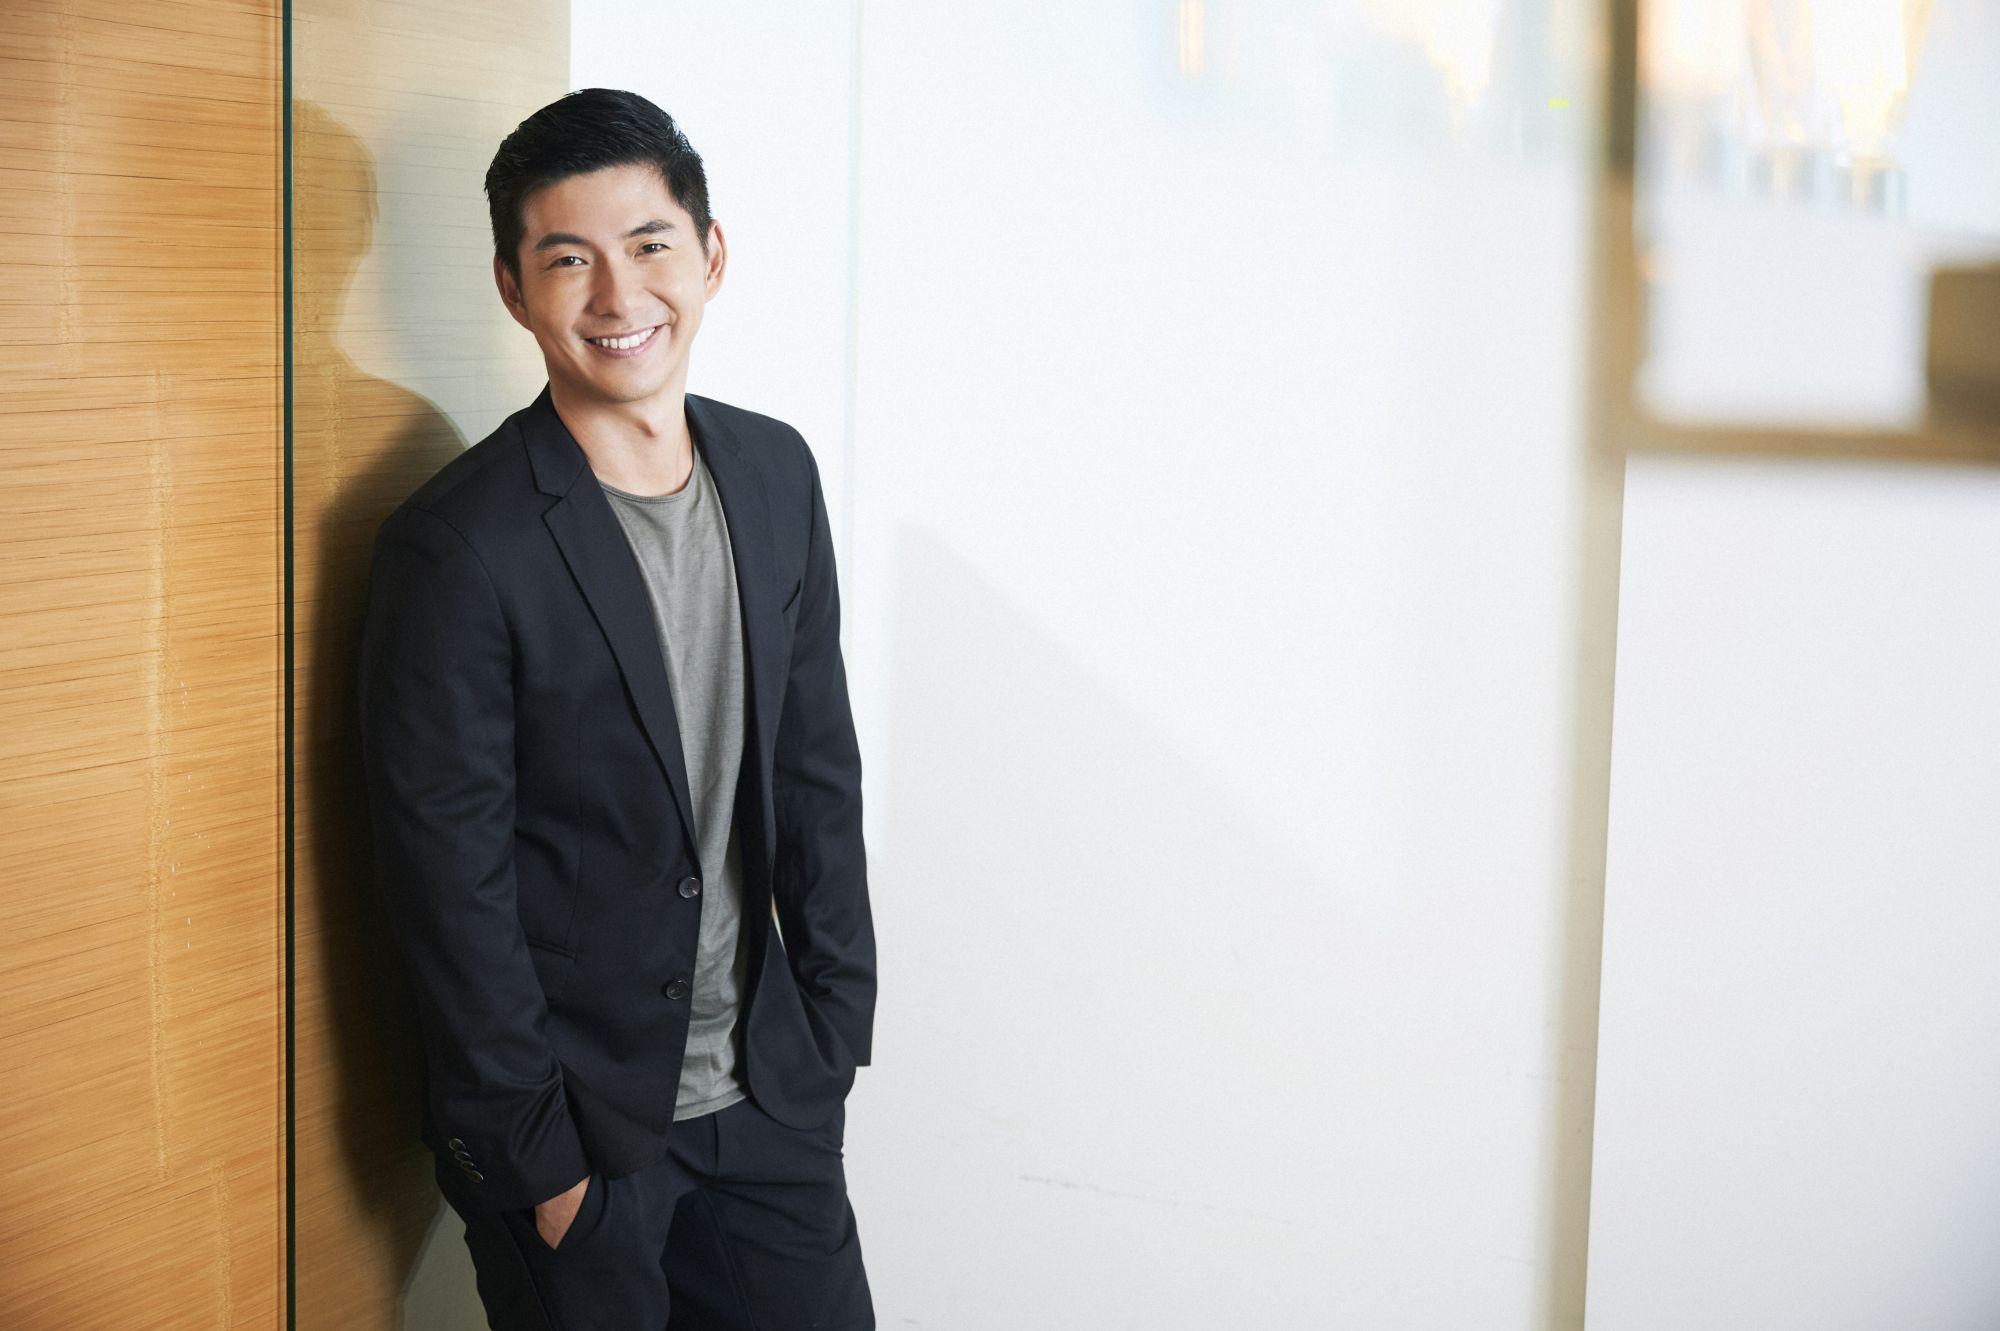 從台北101、信義區旋轉豪宅到曼谷瑰麗酒店,燈光設計師賴雨農:「對我來說,好的設計是不讓人察覺有經過設計。」